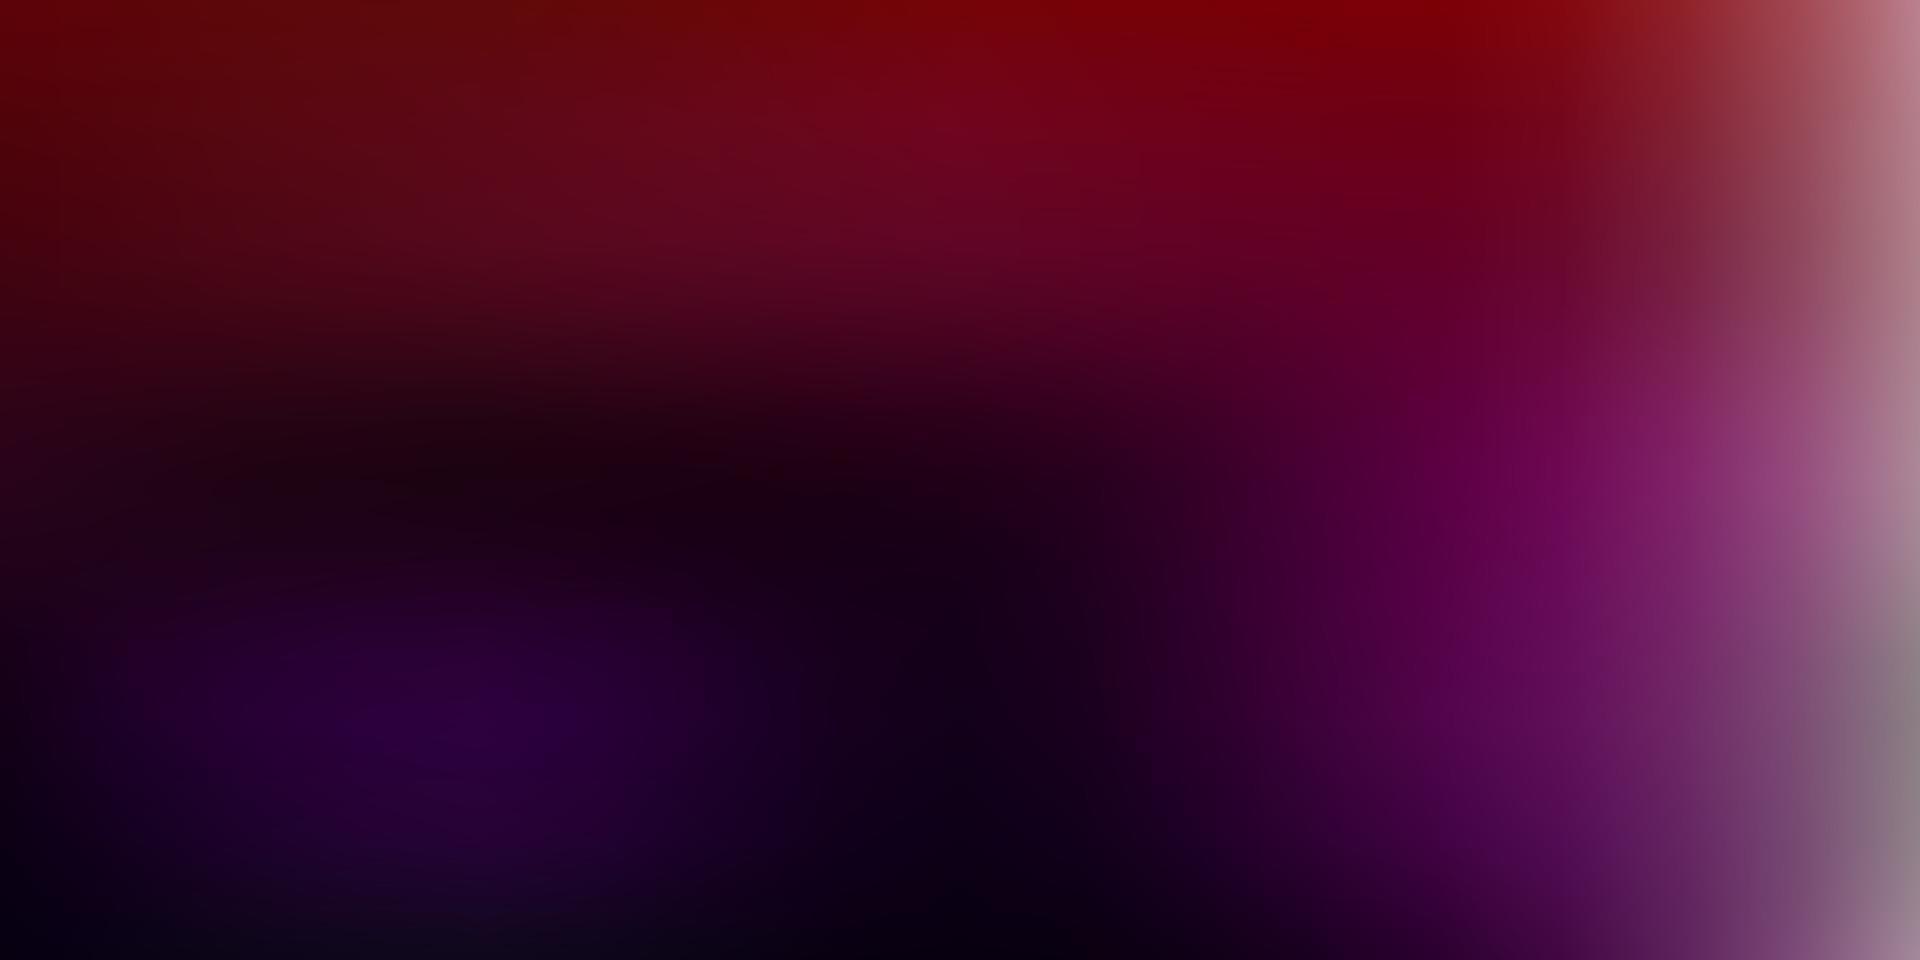 abstrakter Unschärfehintergrund des dunklen rosa, roten Vektors. vektor